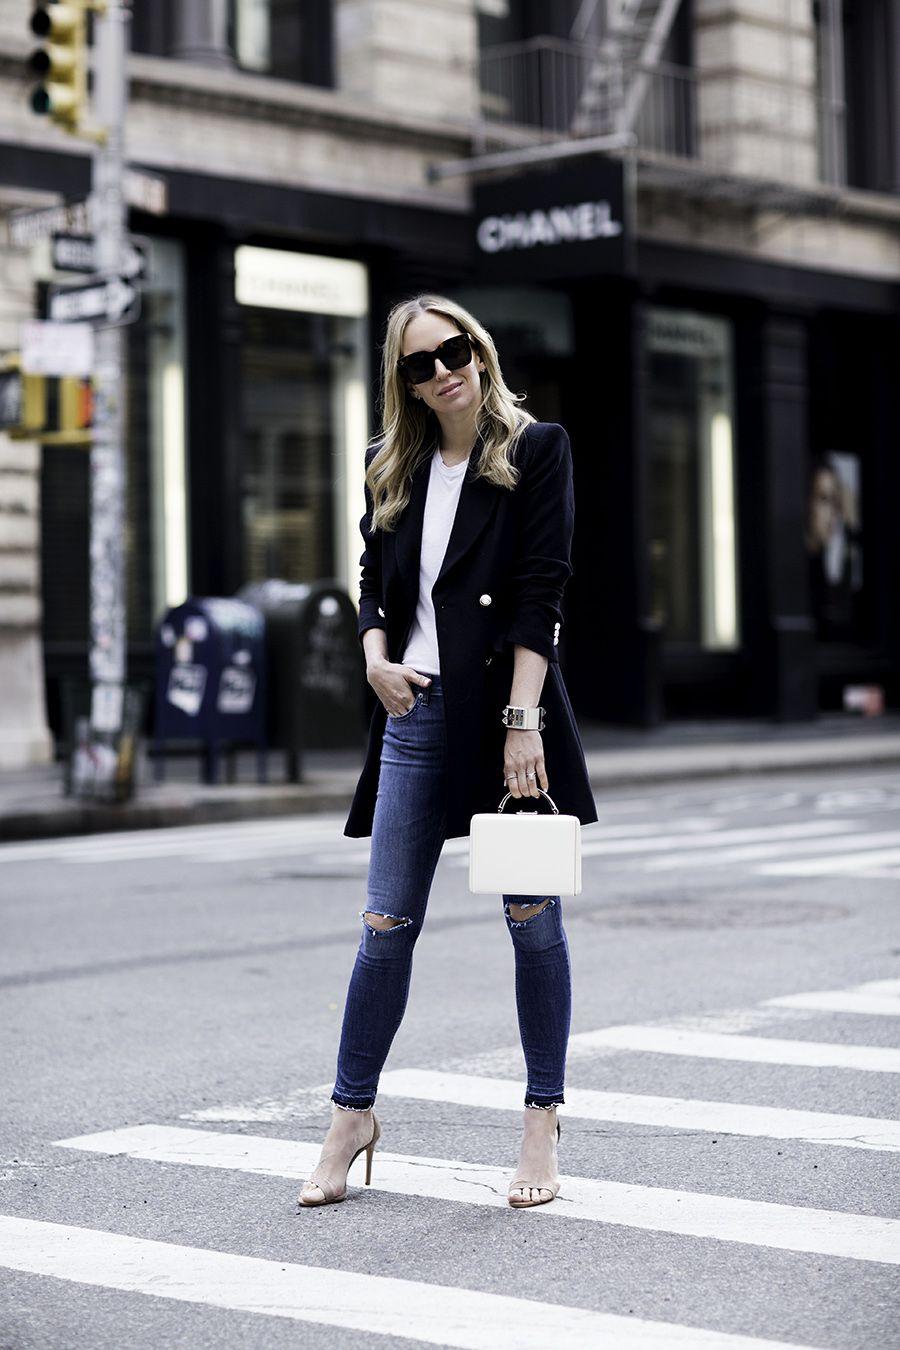 Spring Street | Brooklyn Blonde